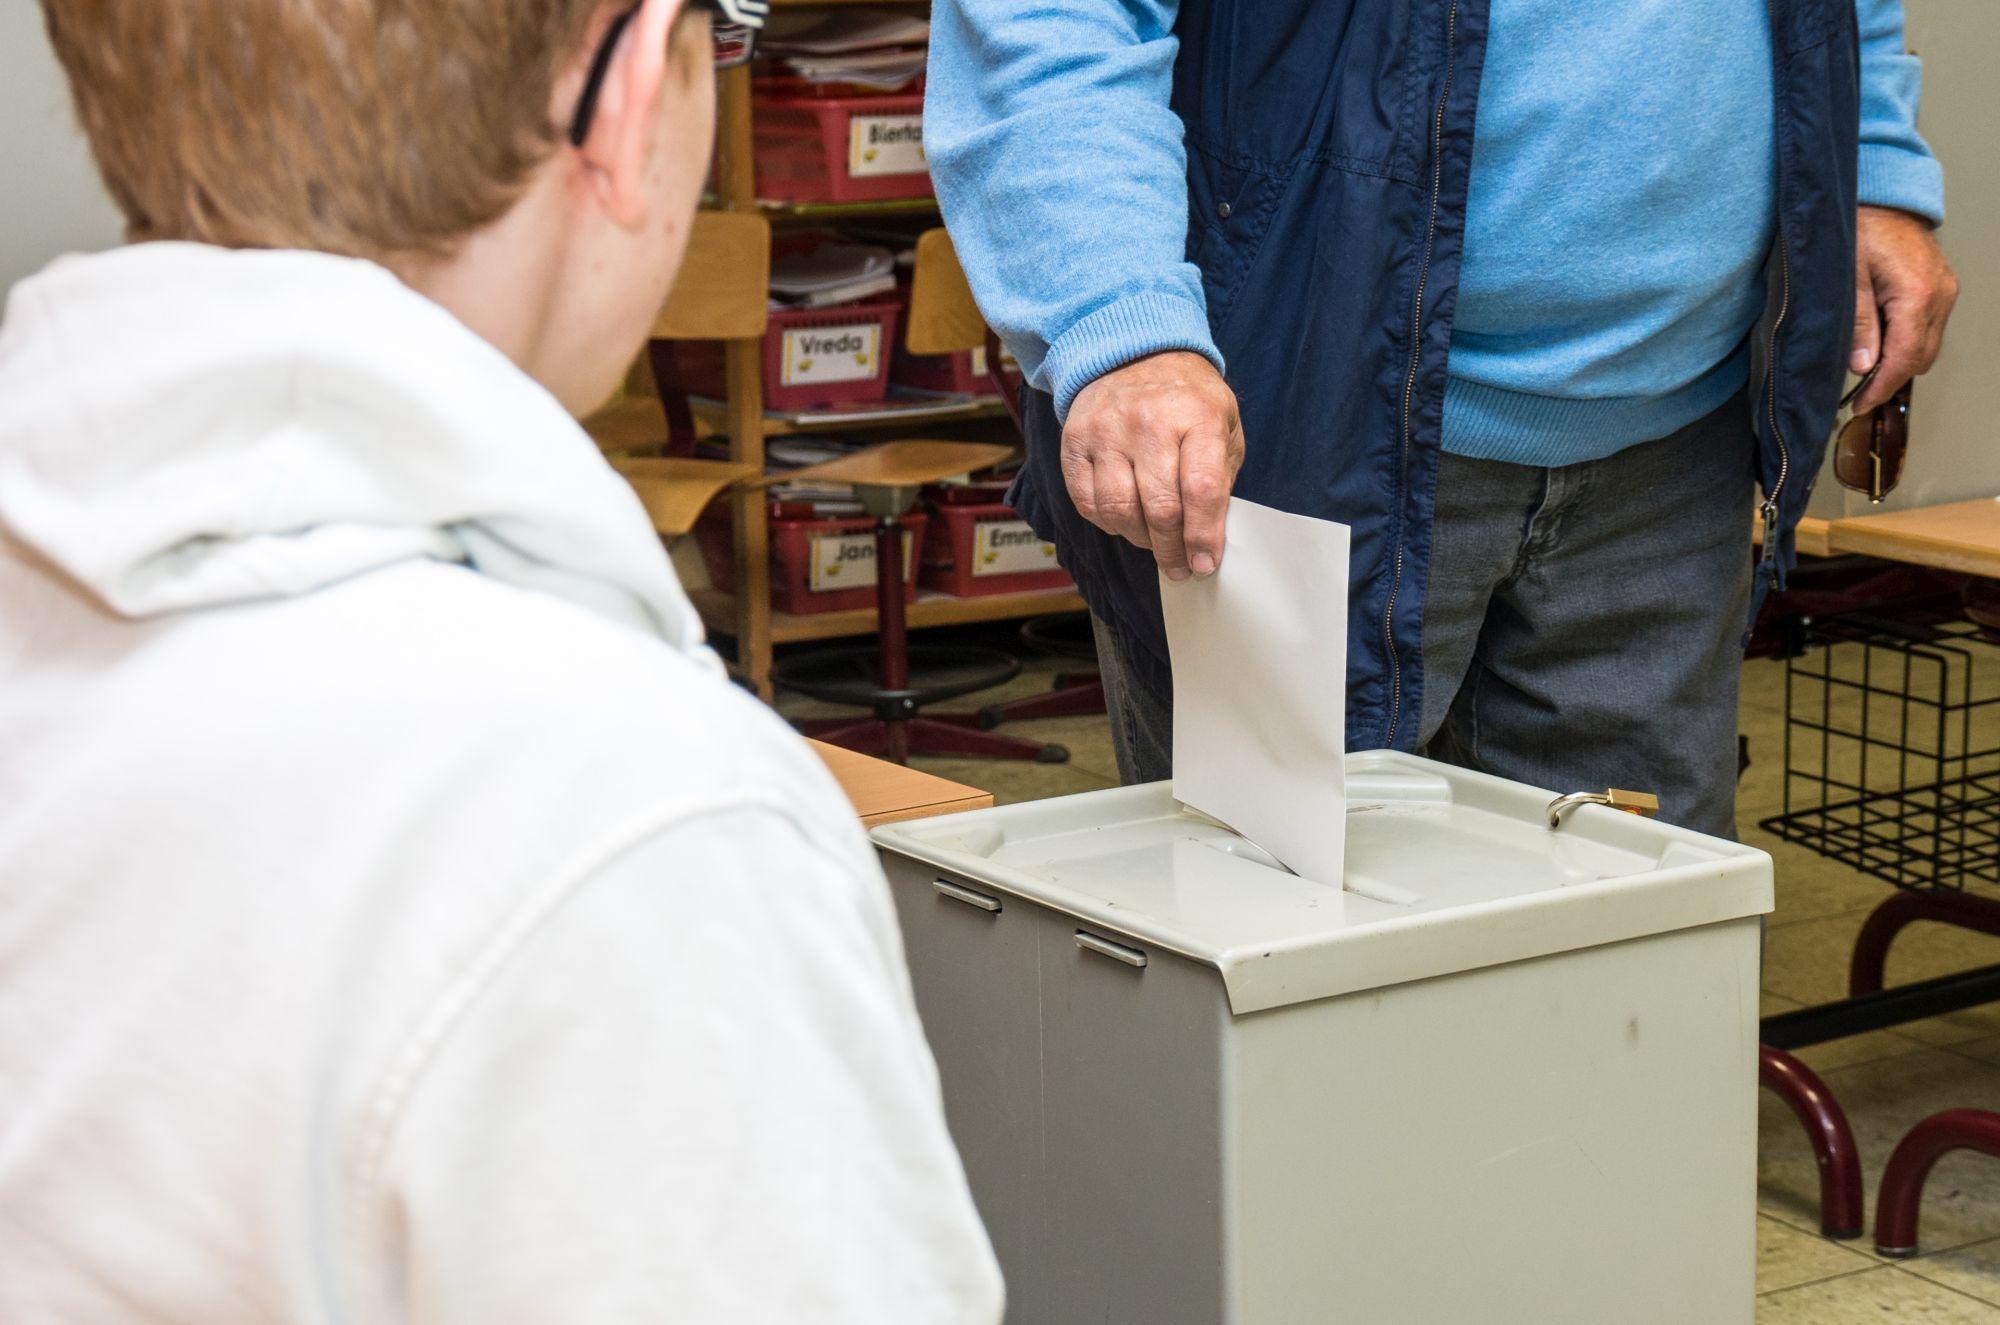 Briefwahl Abgabe Im Wahllokal